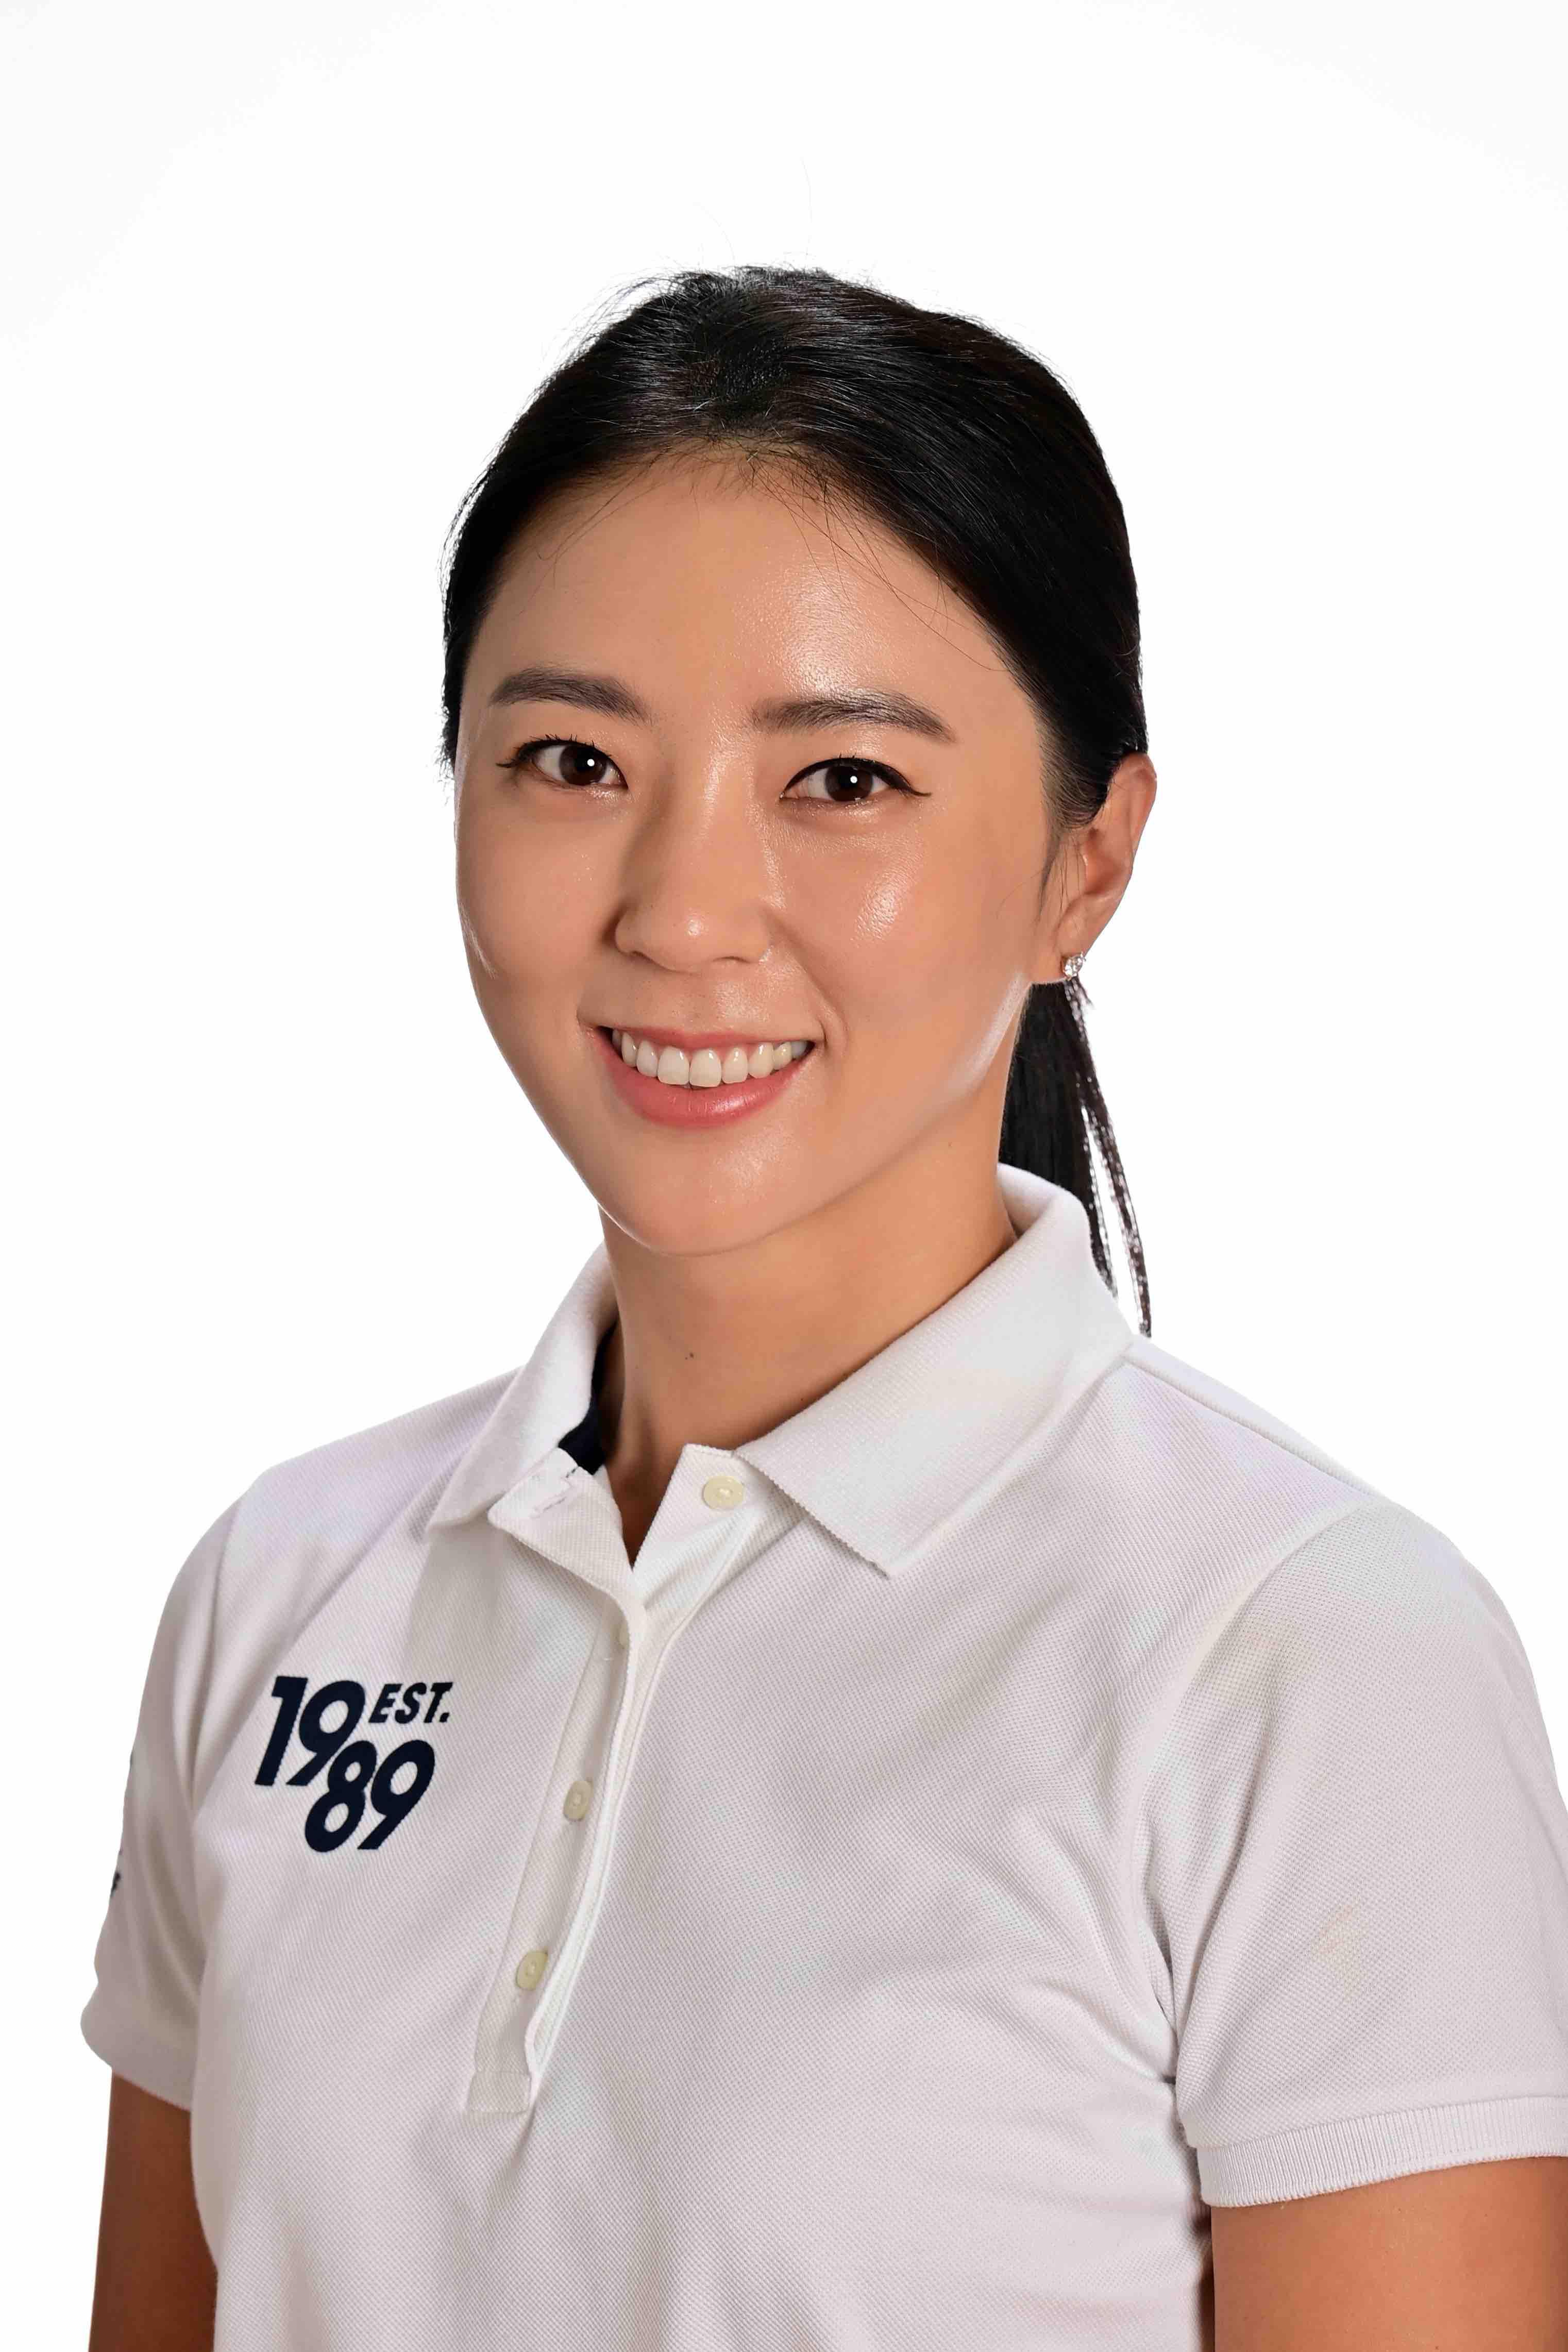 【JLPGA公式】ユン チェヨン 選手(ゴルフボール1スリーブ①)